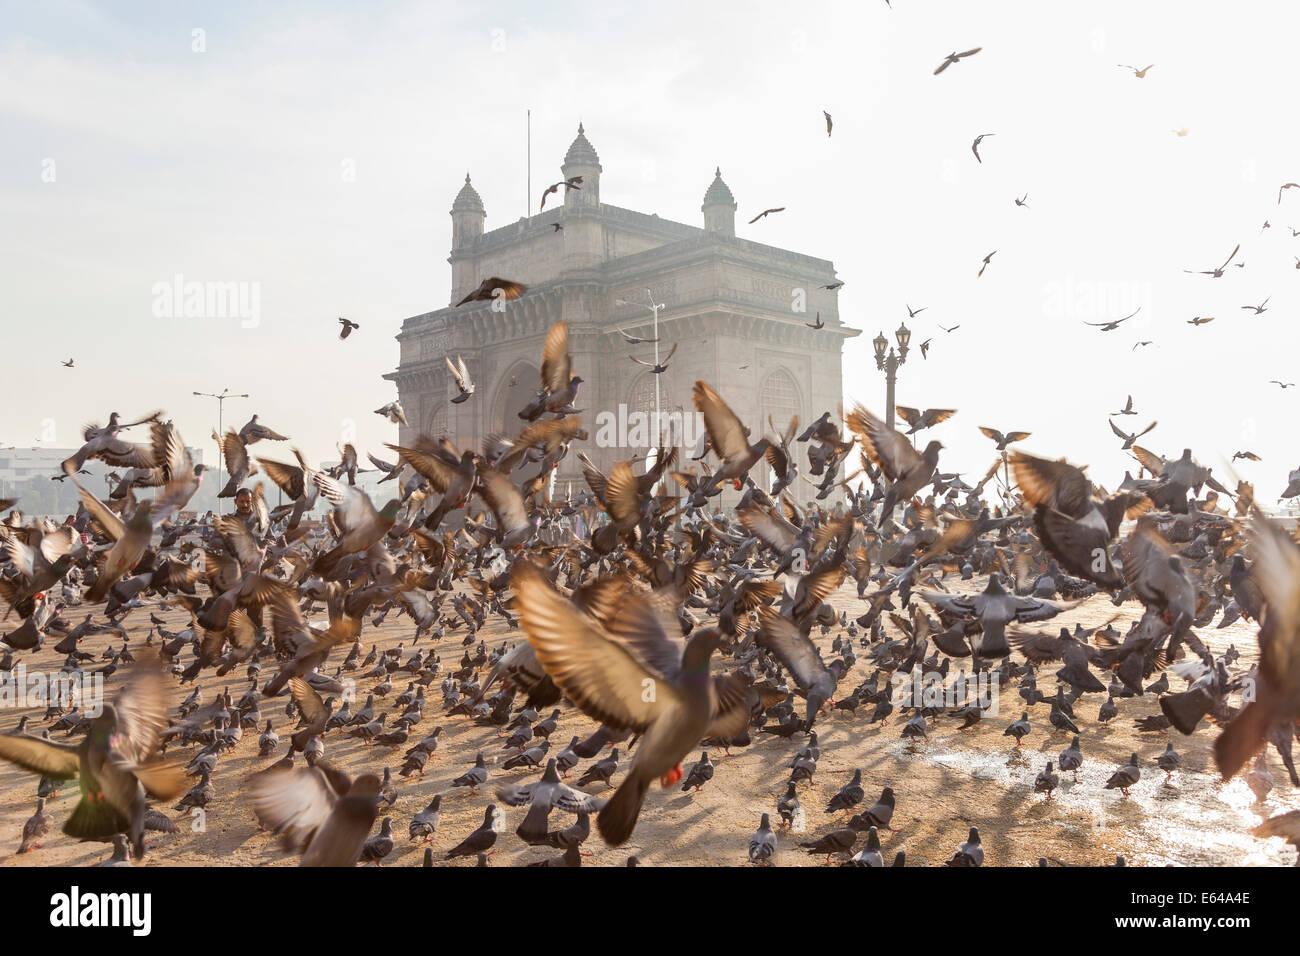 Las palomas, la puerta de la India, Colaba, Mumbai (Bombay), India Imagen De Stock